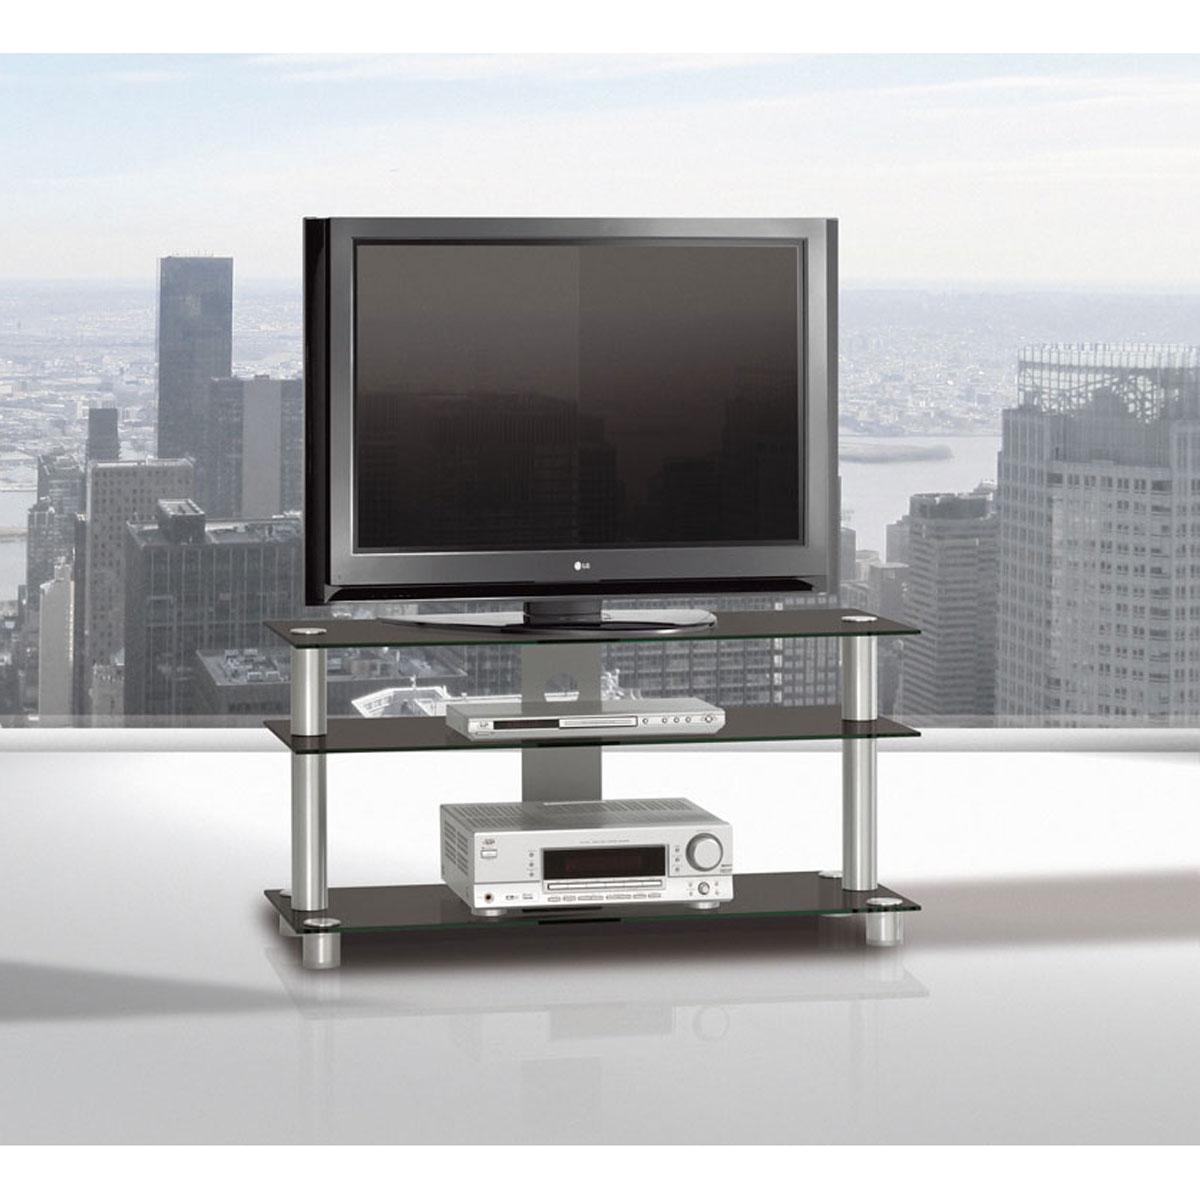 Ein rollbares TV Möbel. 105x53x40 cm (BxHxT). 3 Fachböden aus Glas. Tragesäulen aus Aluminium. Modell TV 1053 Just Racks.